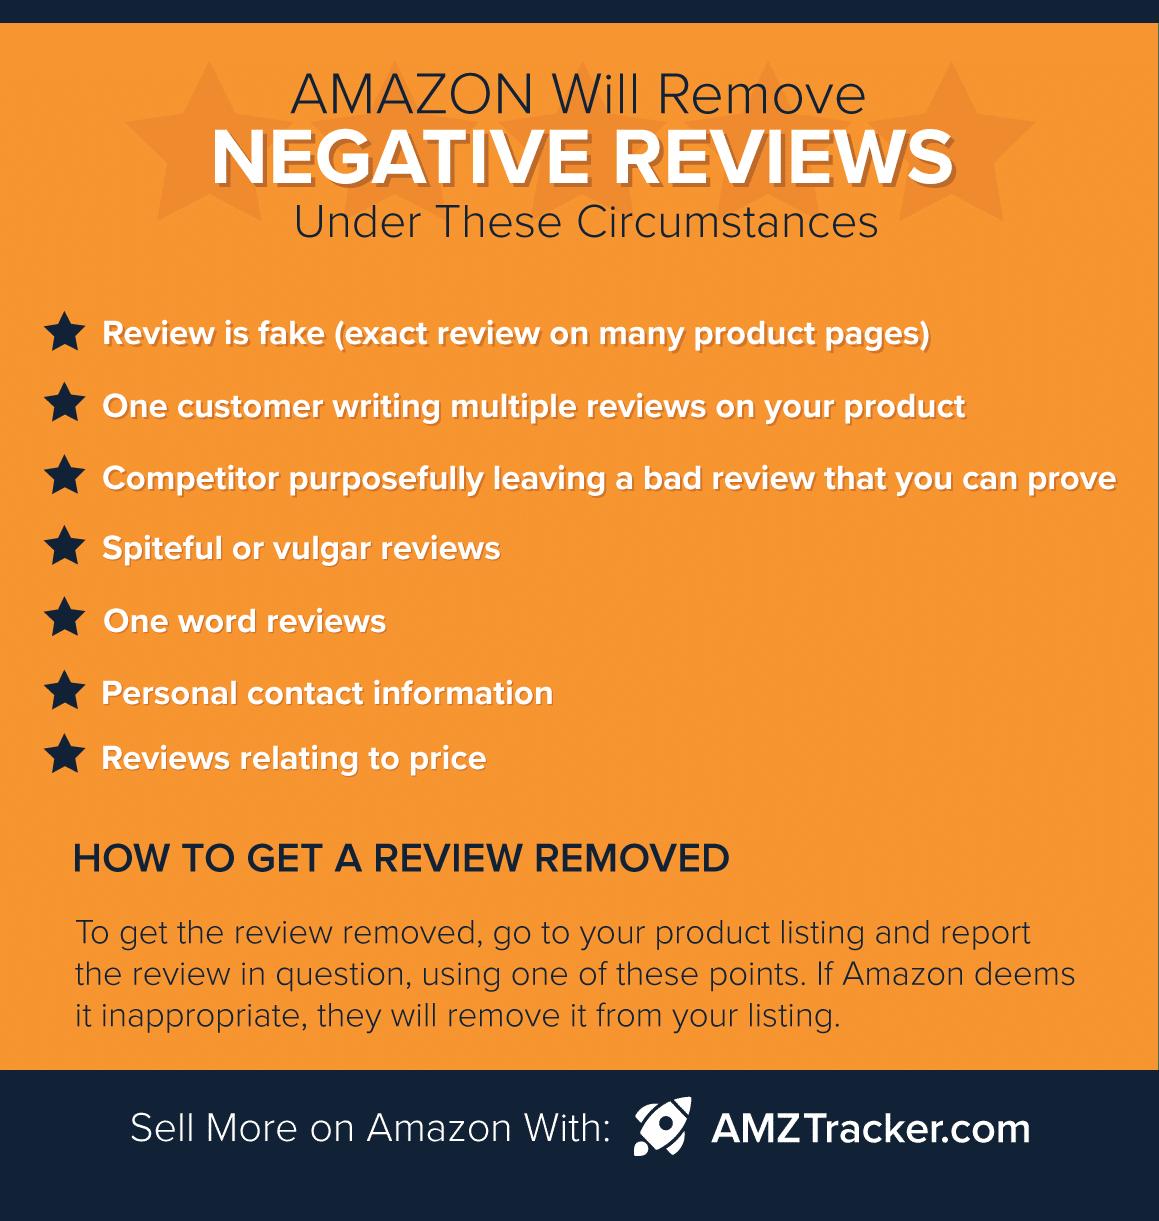 Las reseñas negativas serán eliminadas de Amazon